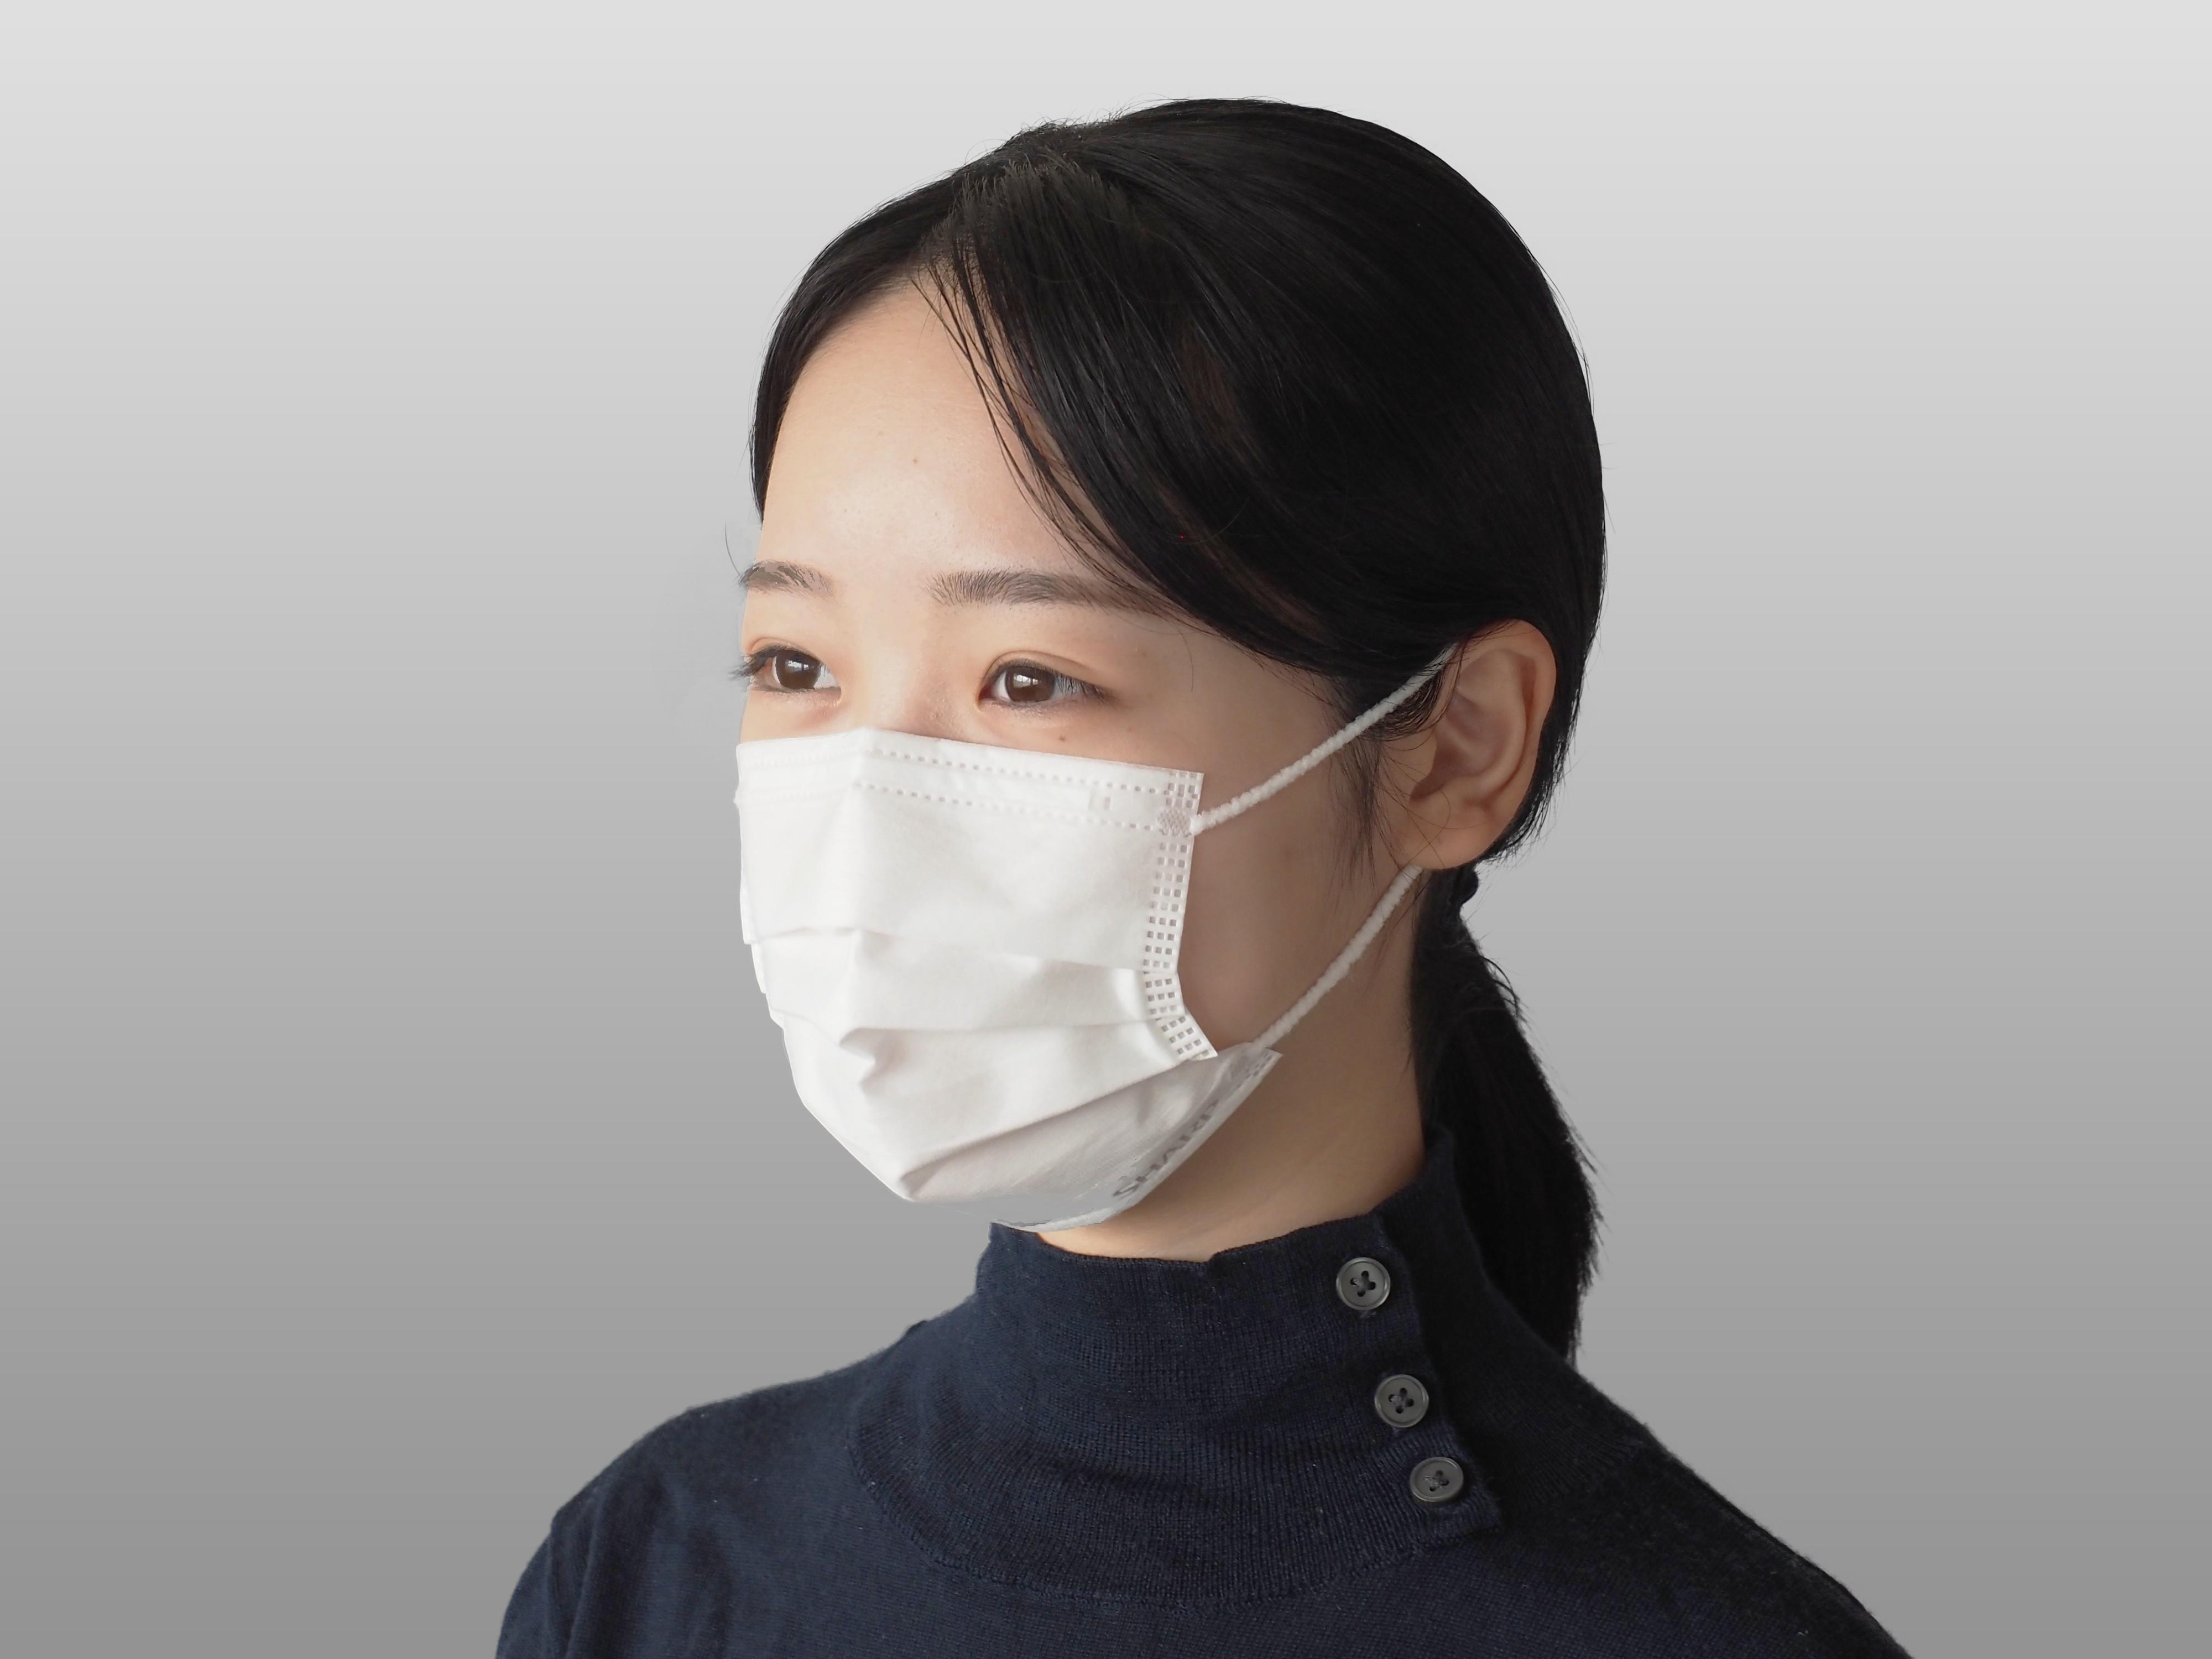 SH-05 シャープ製不織布マスク 【小さめサイズ】30枚入×6箱